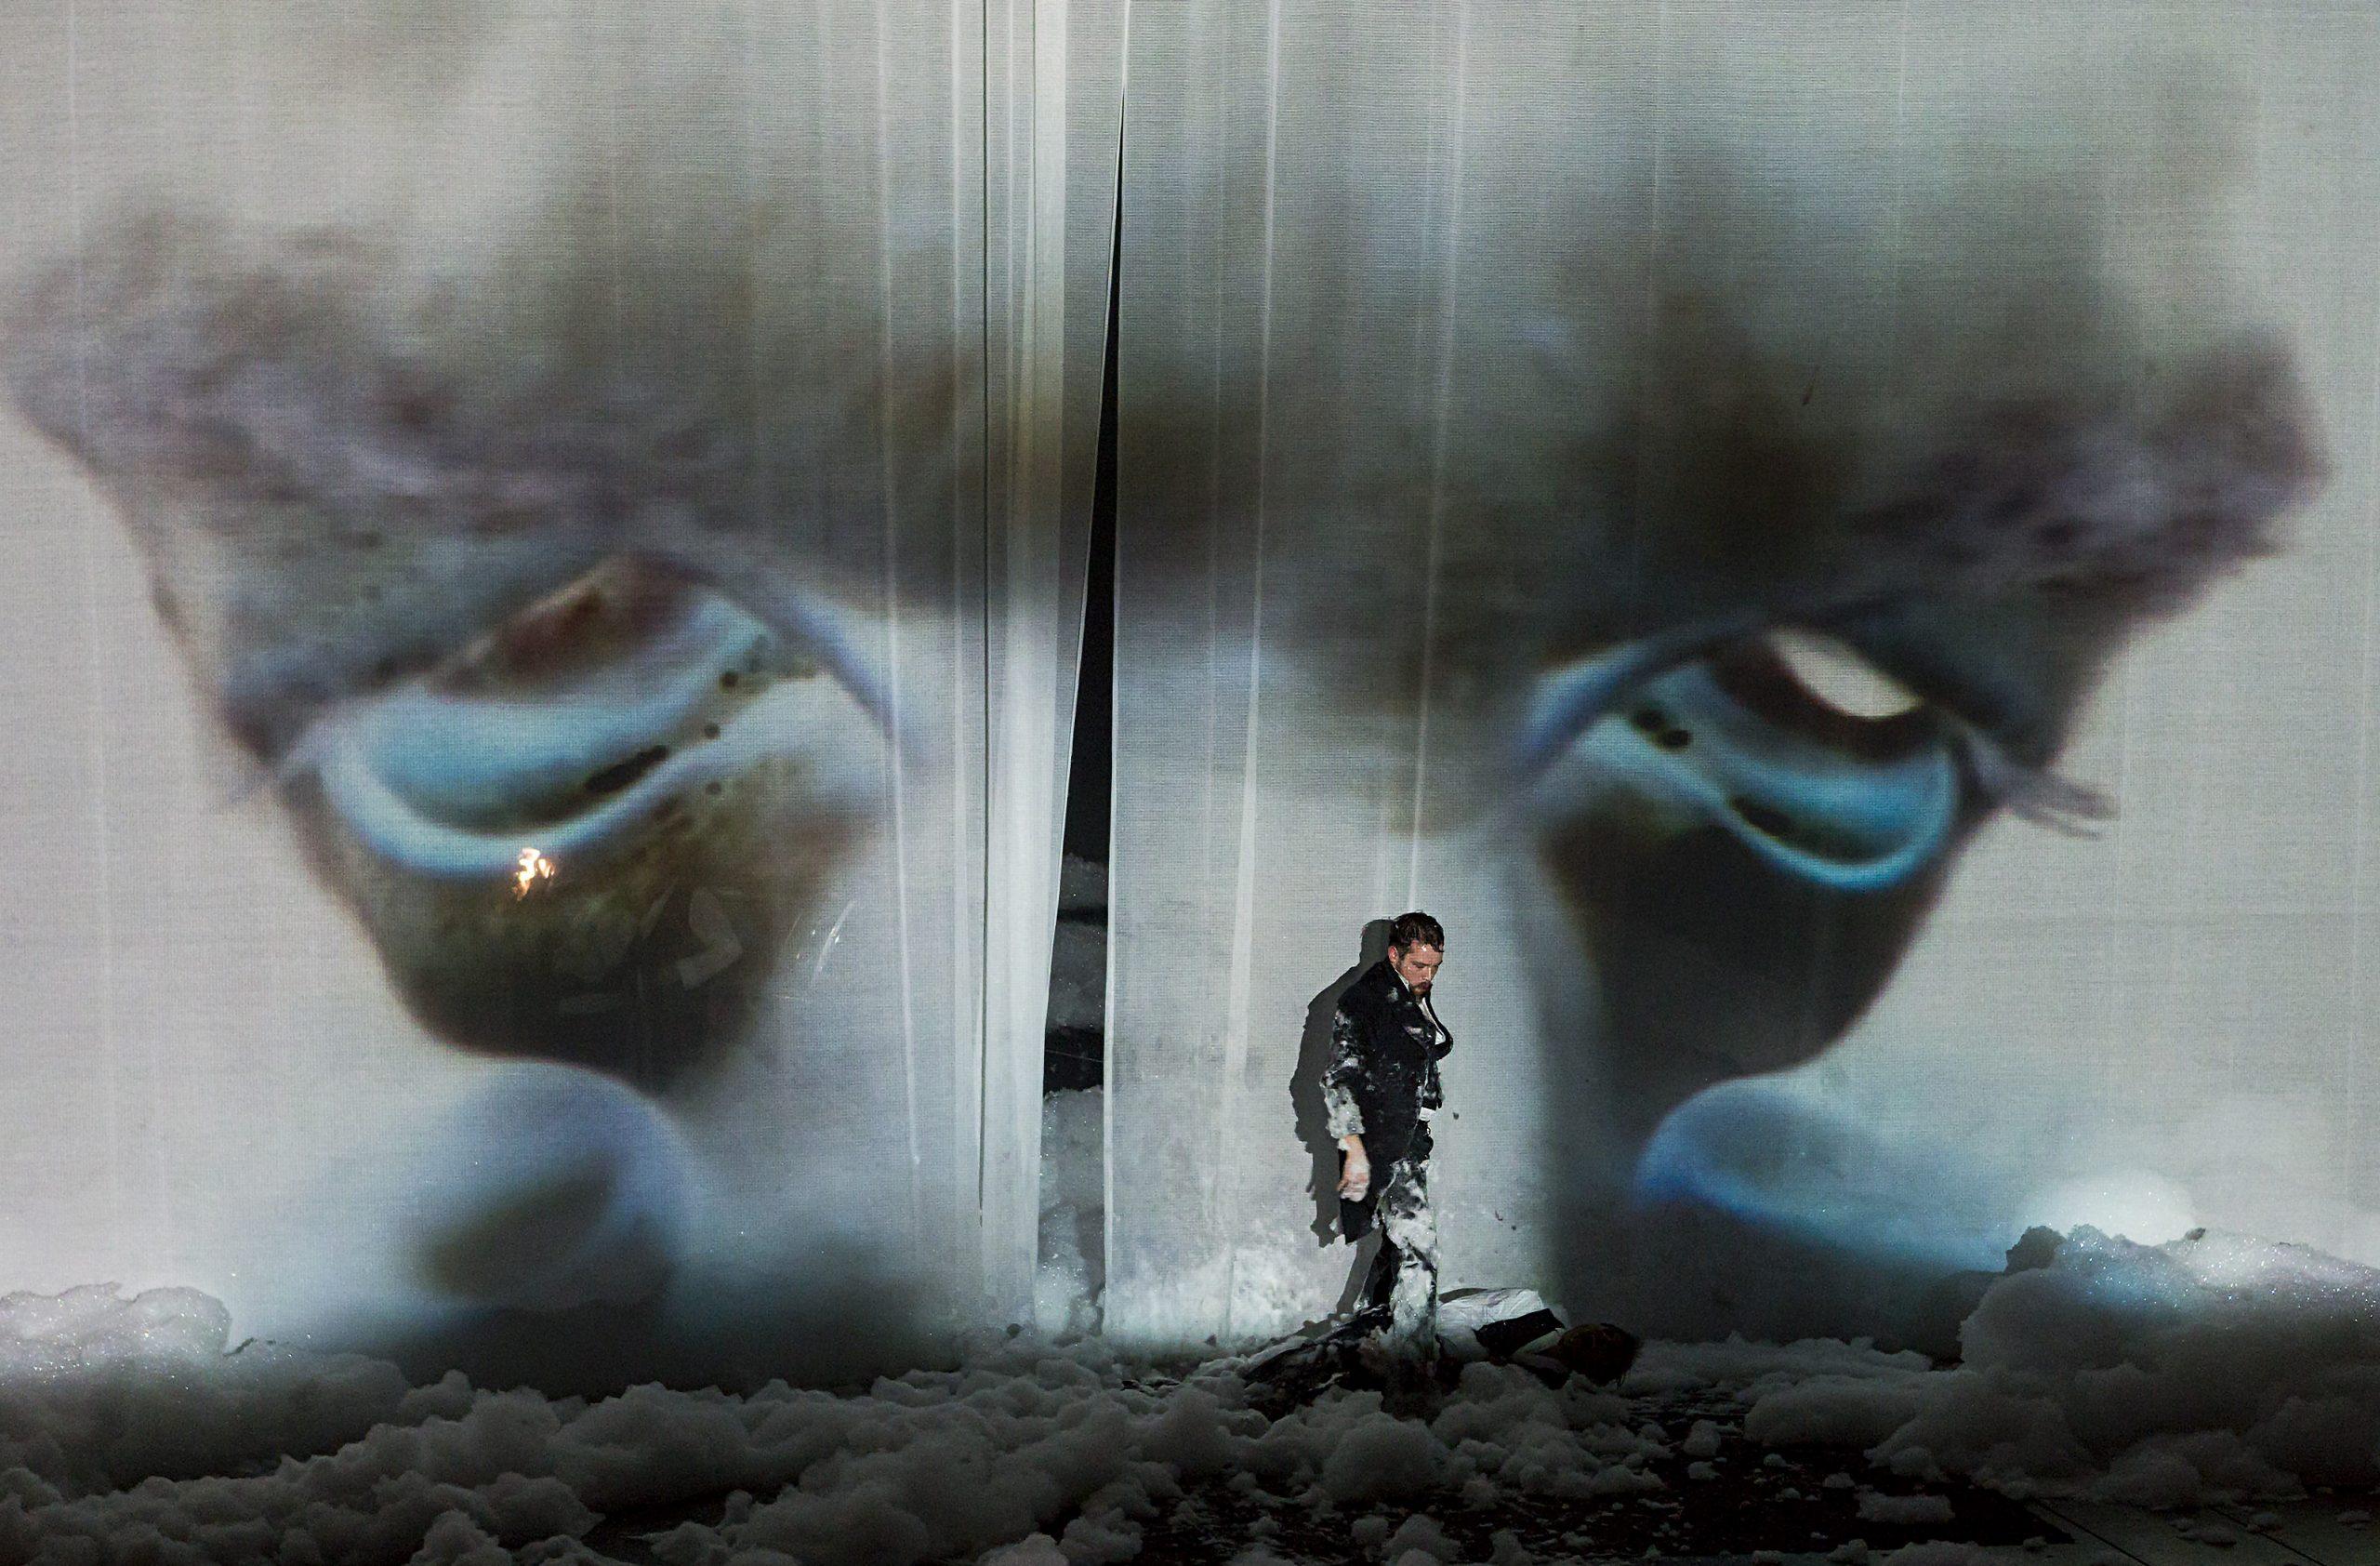 Foto: Rolf Arnold. Ein Mann in schwarzer Kleidung steht vor einem weißen semi-transparenten Vorhang, auf dem ein verzerrtes Negativ-Abbild eines vornübergebeugten Gesichts mit hoher breiter Stirn, heruntergezogenen blau unterlaufenen Augen und eingefallenen Wangen überdimensional groß zu sehen ist. An der Kleidung des Mannes befinden sich Reste des Schaumes, der über den ganzen Bühnenboden verteilt in unterschiedlichen Höhen liegt.